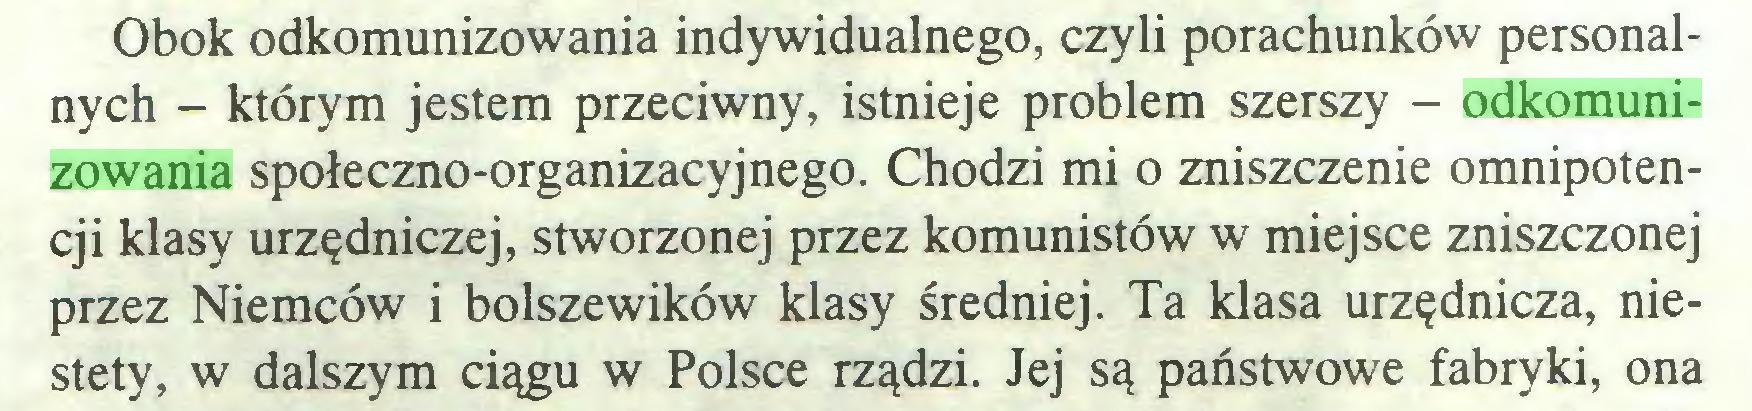 (...) Obok odkomunizowania indywidualnego, czyli porachunków personalnych - którym jestem przeciwny, istnieje problem szerszy - odkomunizowania społeczno-organizacyjnego. Chodzi mi o zniszczenie omnipotencji klasy urzędniczej, stworzonej przez komunistów w miejsce zniszczonej przez Niemców i bolszewików klasy średniej. Ta klasa urzędnicza, niestety, w dalszym ciągu w Polsce rządzi. Jej są państwowe fabryki, ona...